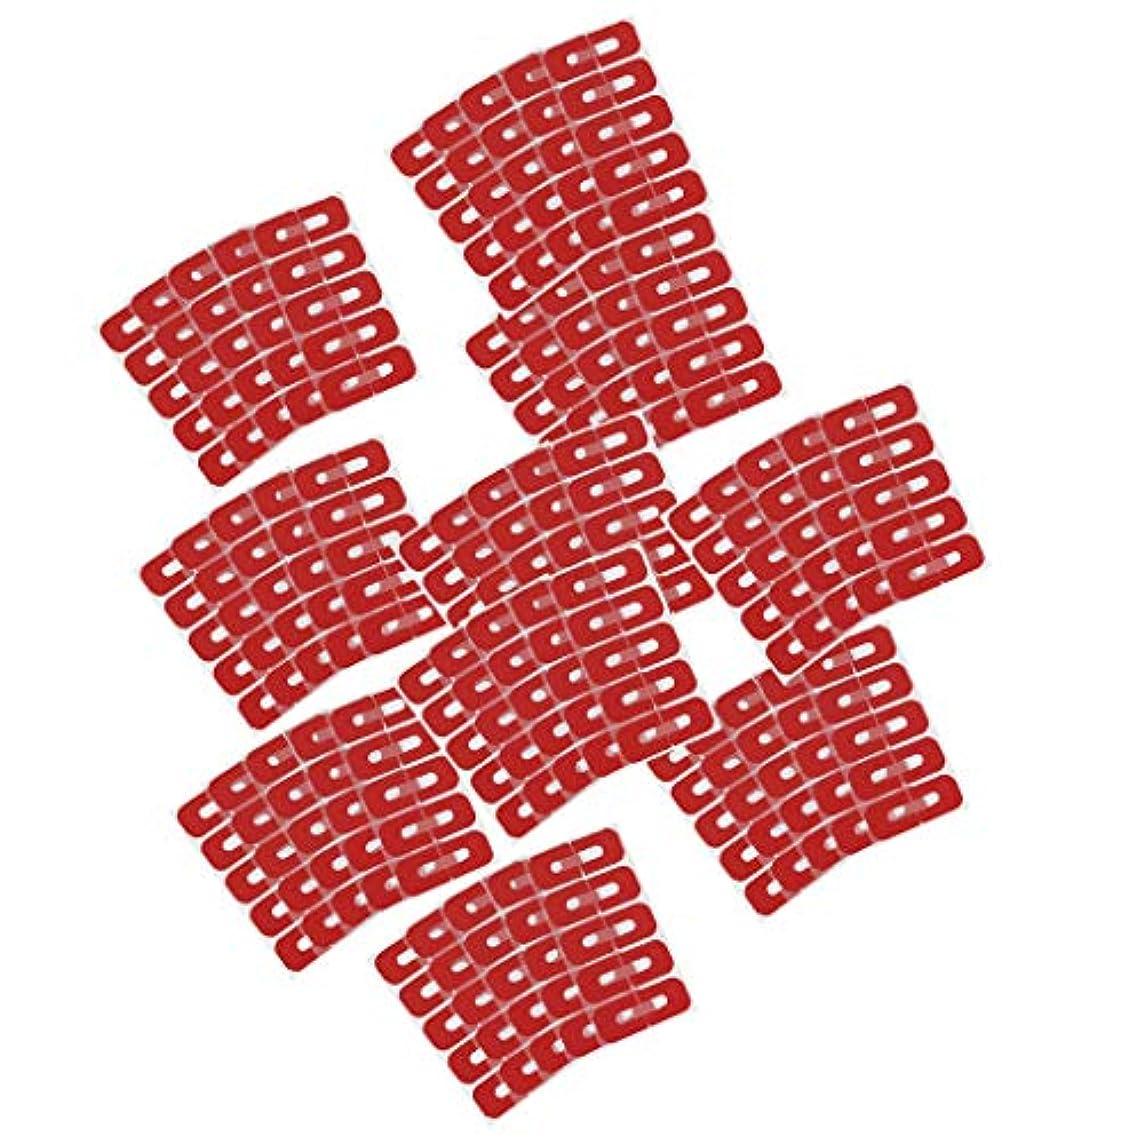 クマノミ失態芸術的ネイルカバー はみ出し防止 剥離テープ 流出防止 ネイル プロテクター カバー 全50点セット